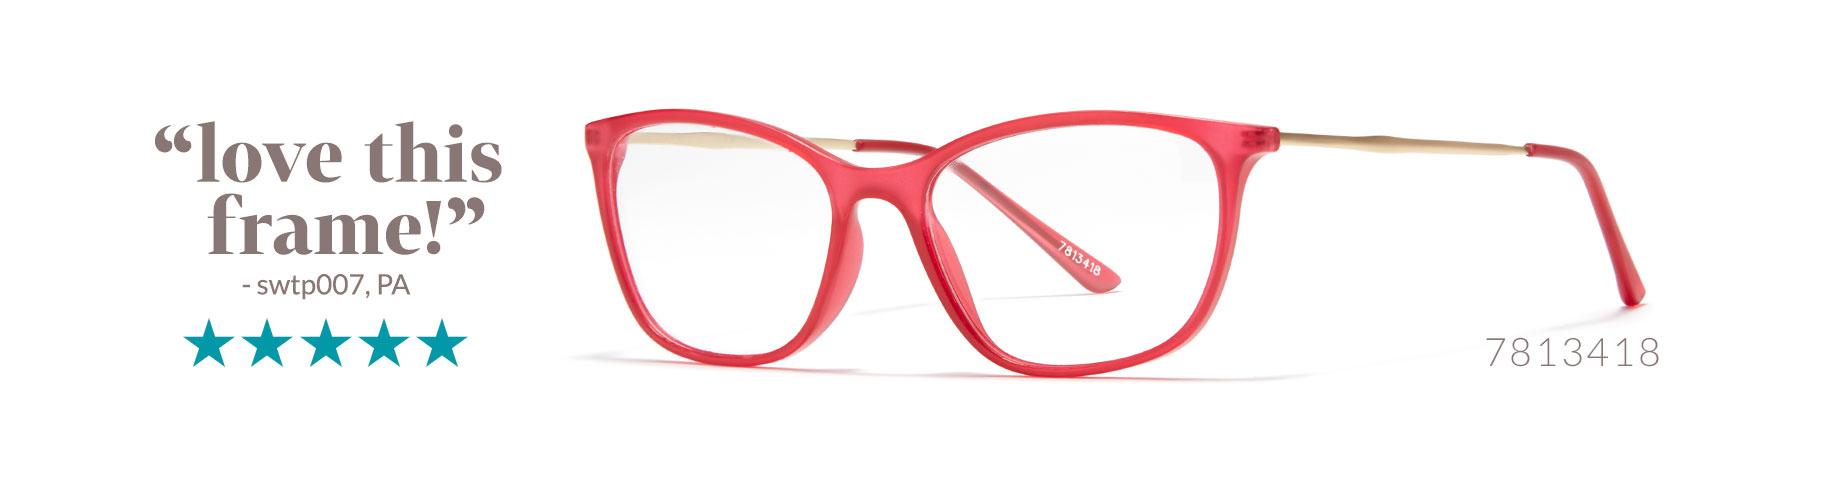 trending glasses under 20